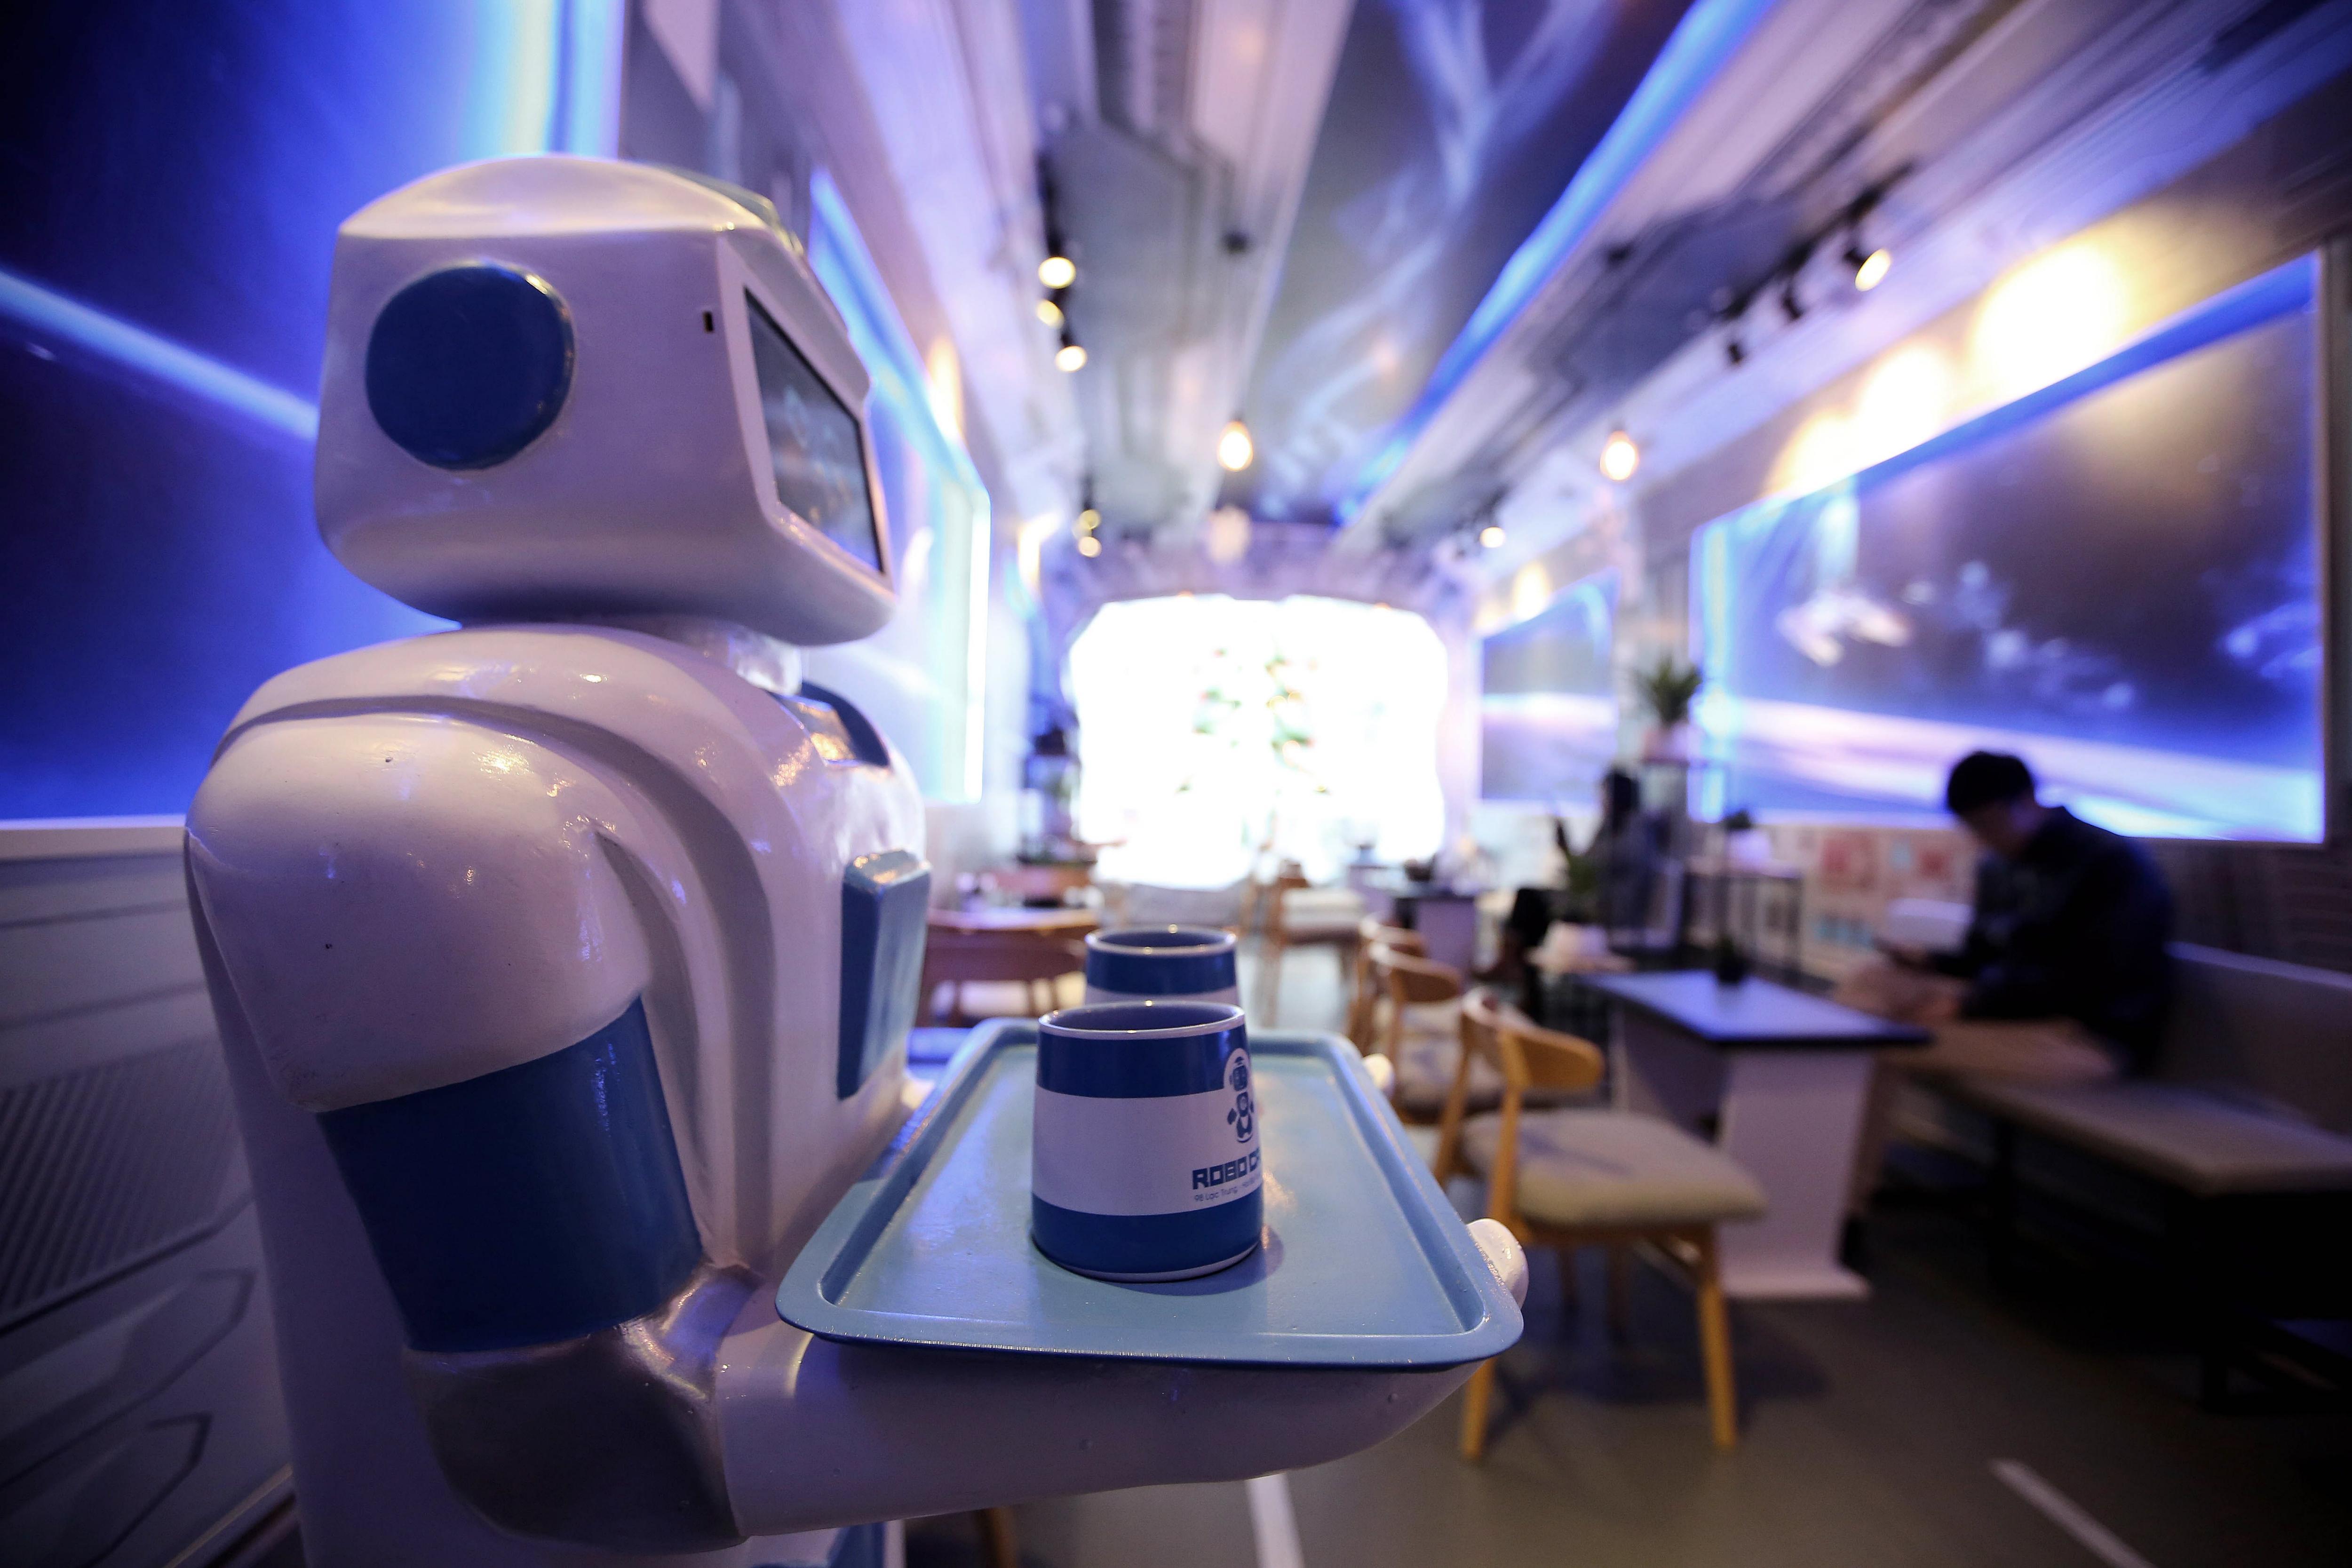 Un robot serveix begudes a una cafeteria de Hanoi (Vietnam). Morta pot parlar als clients i dir gràcies en qualsevol idioma. /LUONG THAI LINH